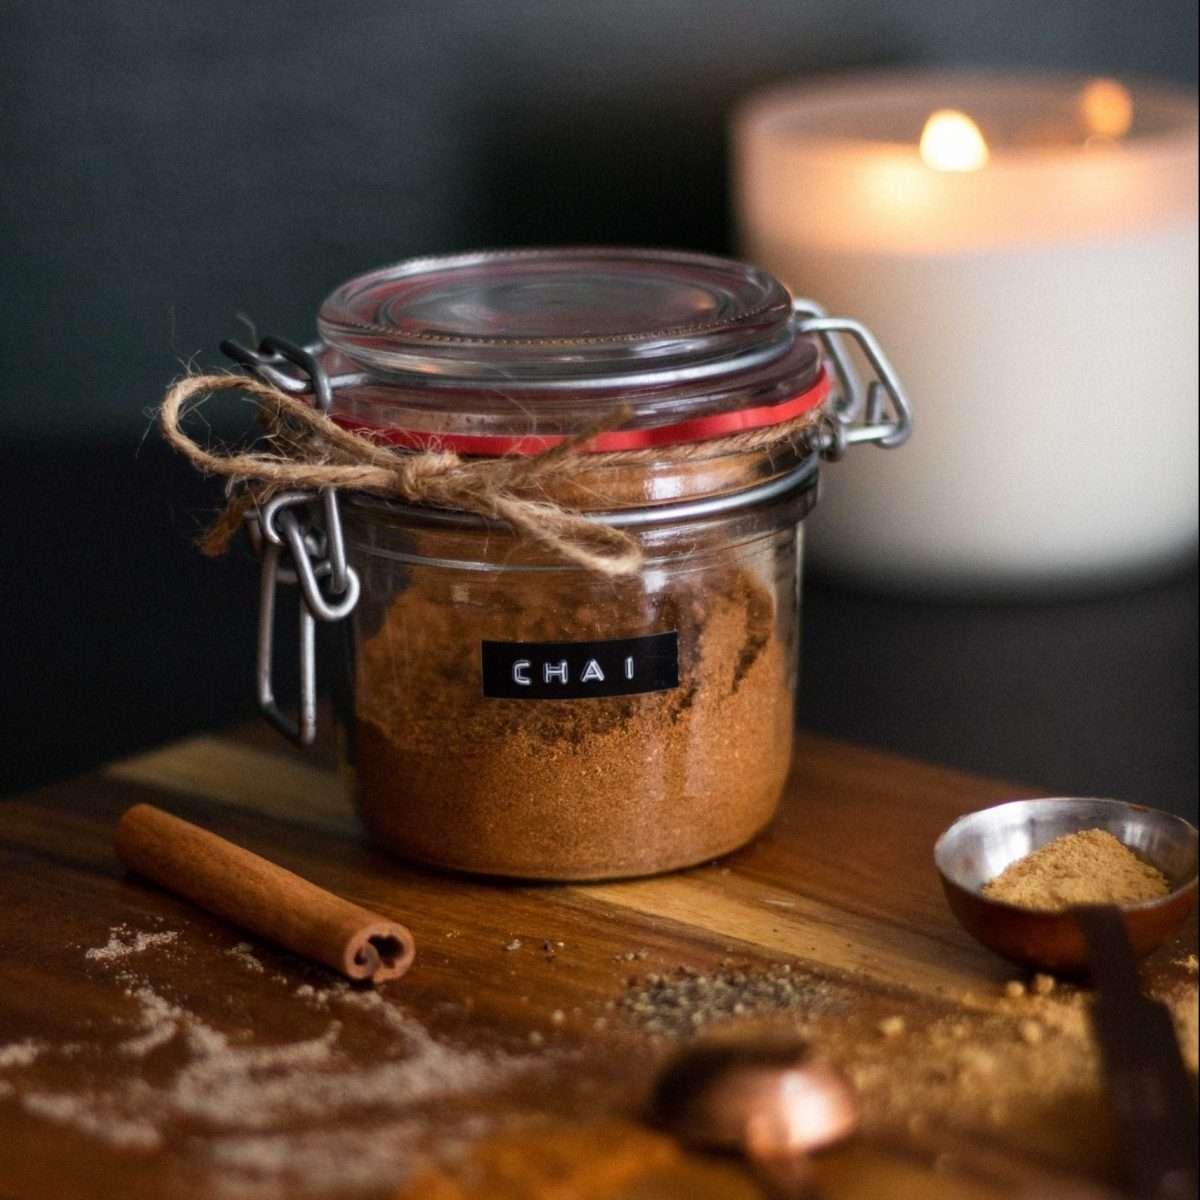 Chai Powder in a Glass Pot